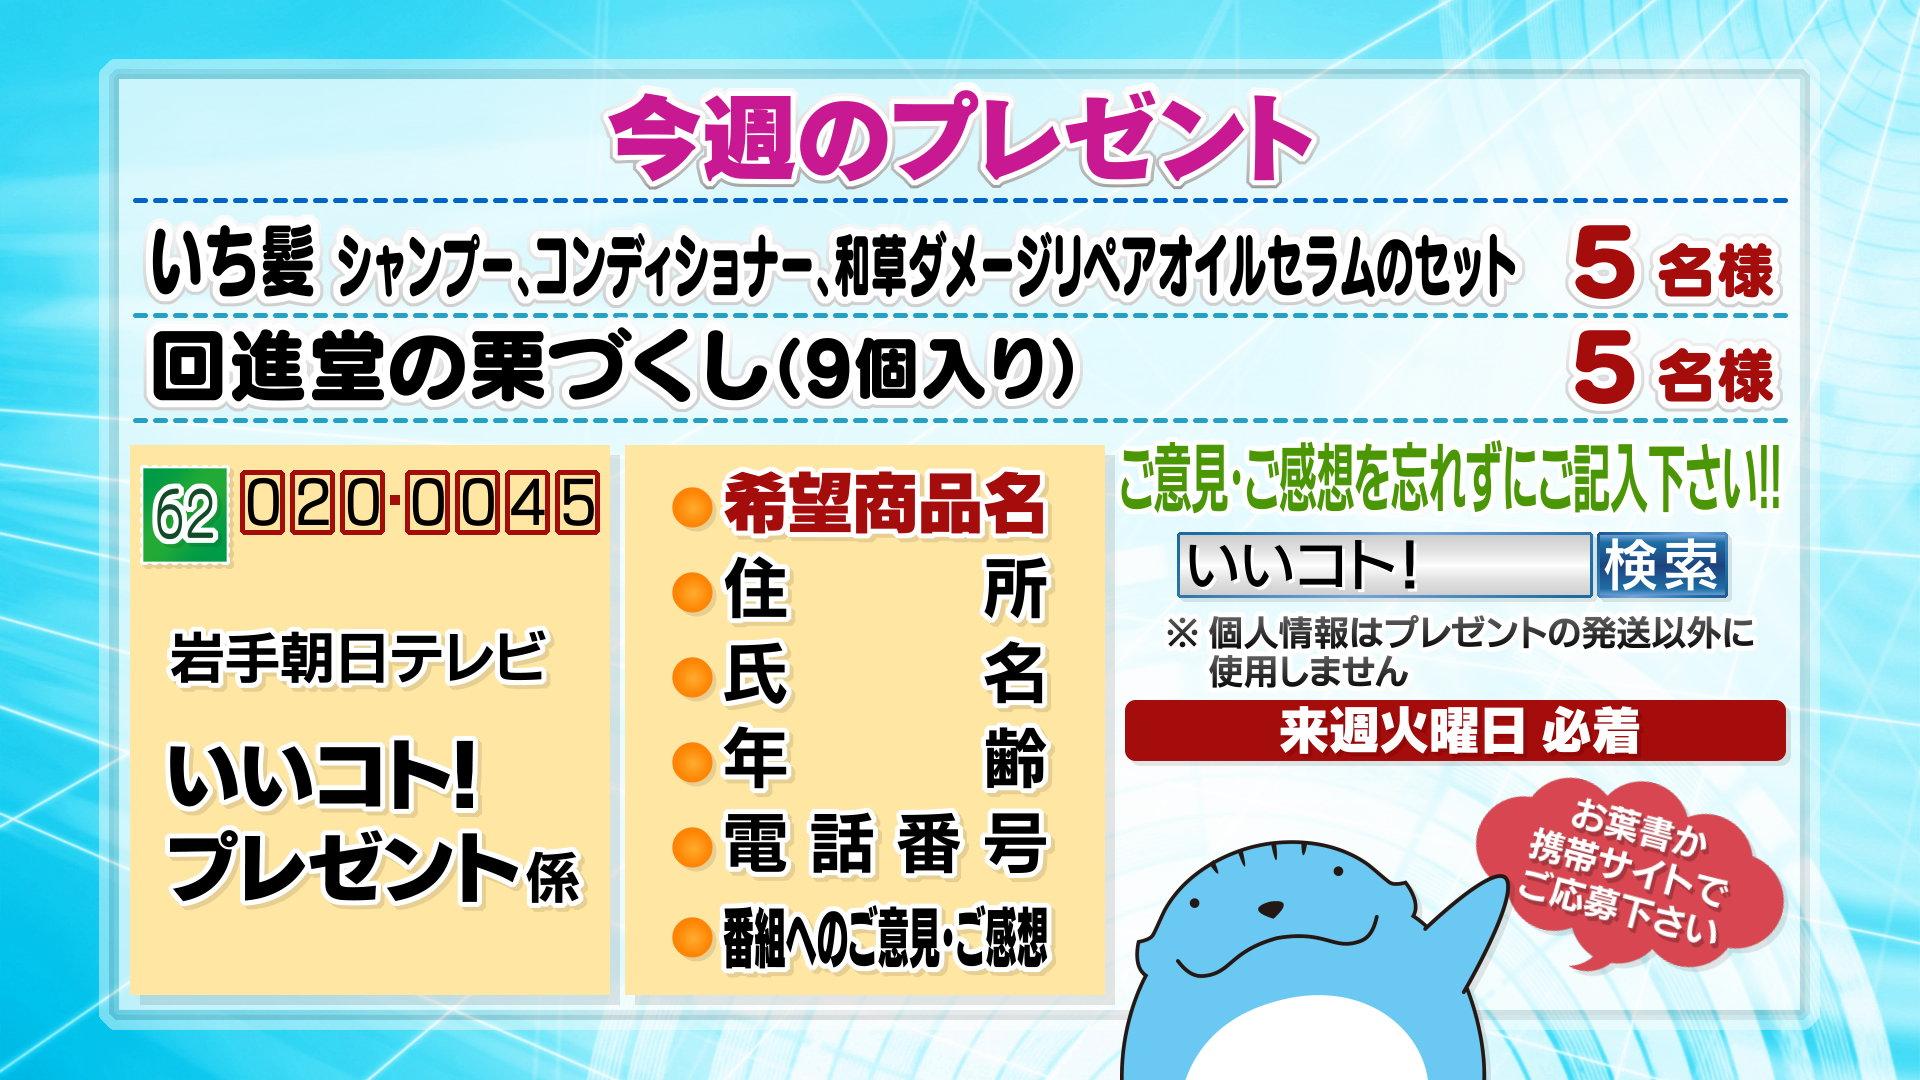 11/18(土)放送分のプレゼント